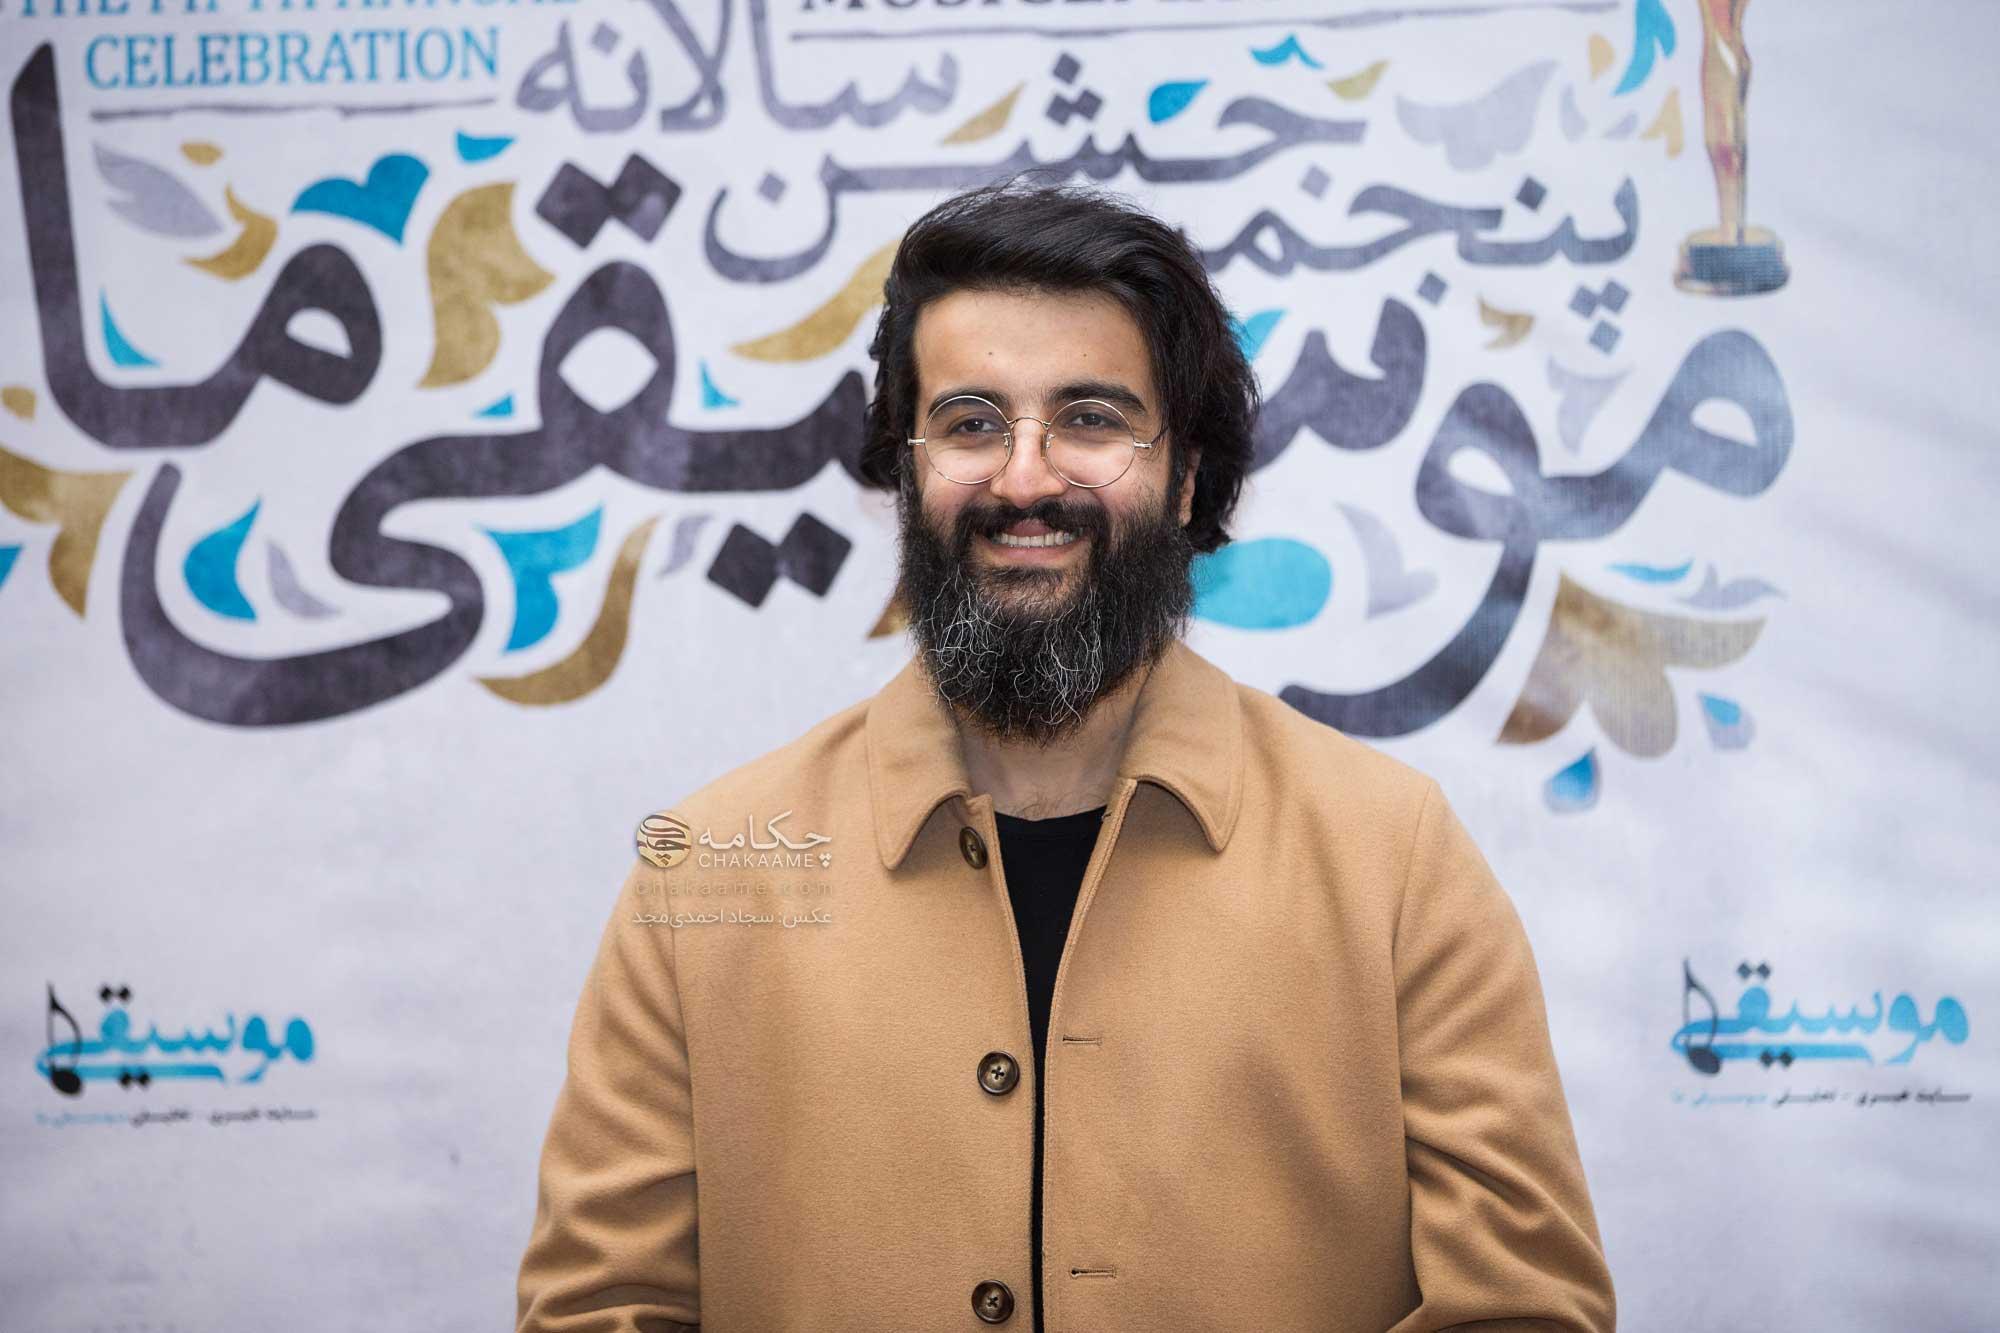 مهدی دارابی - هوروش بند - پنجمین جشن سالانه موسیقی ما